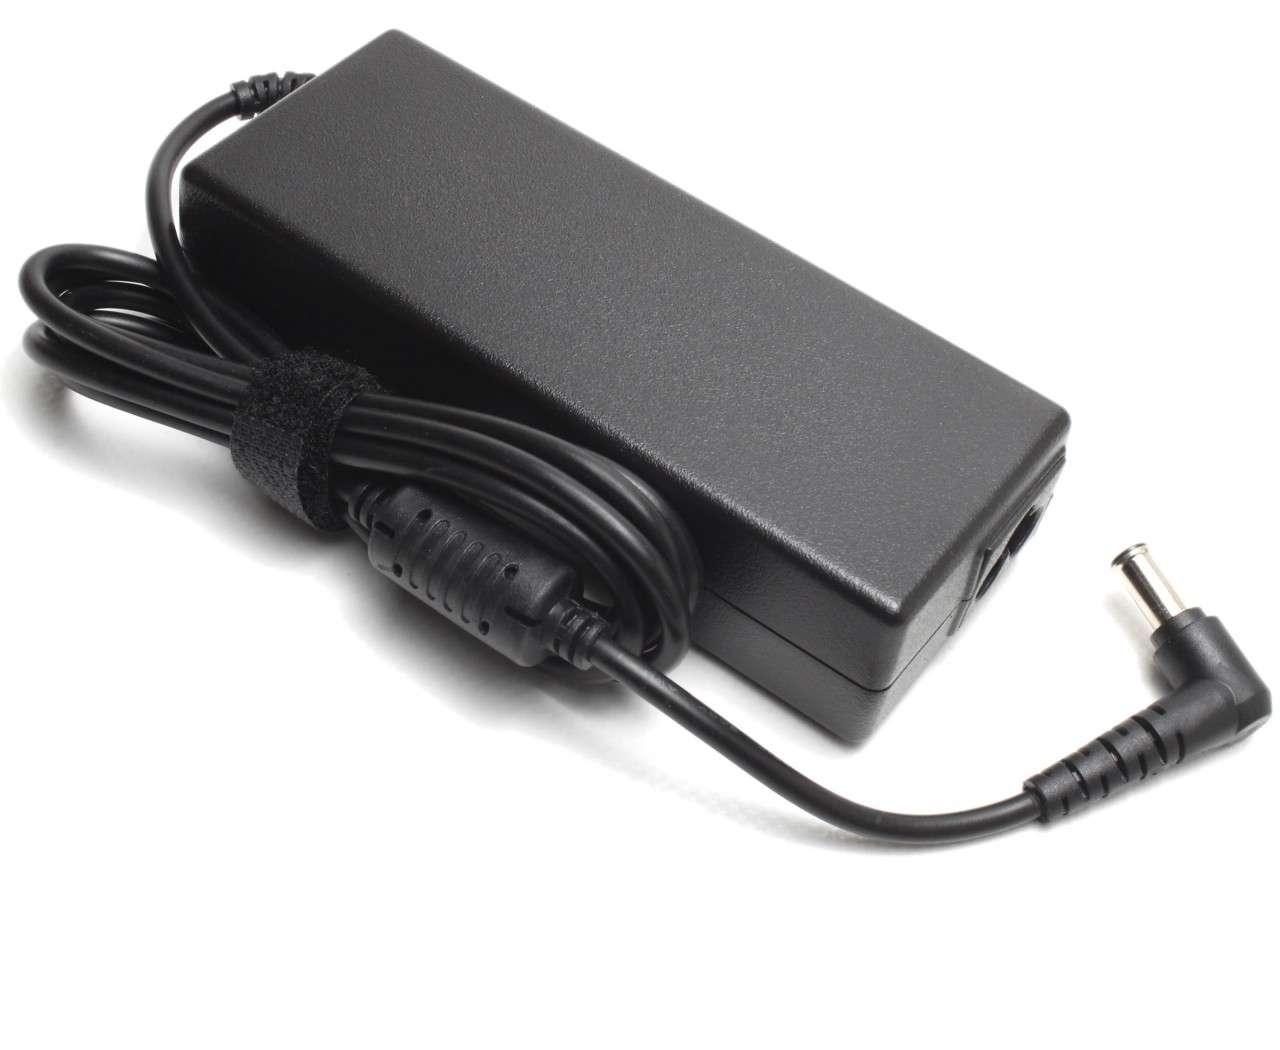 Incarcator Sony Vaio VPCCA4S1E G Replacement imagine powerlaptop.ro 2021